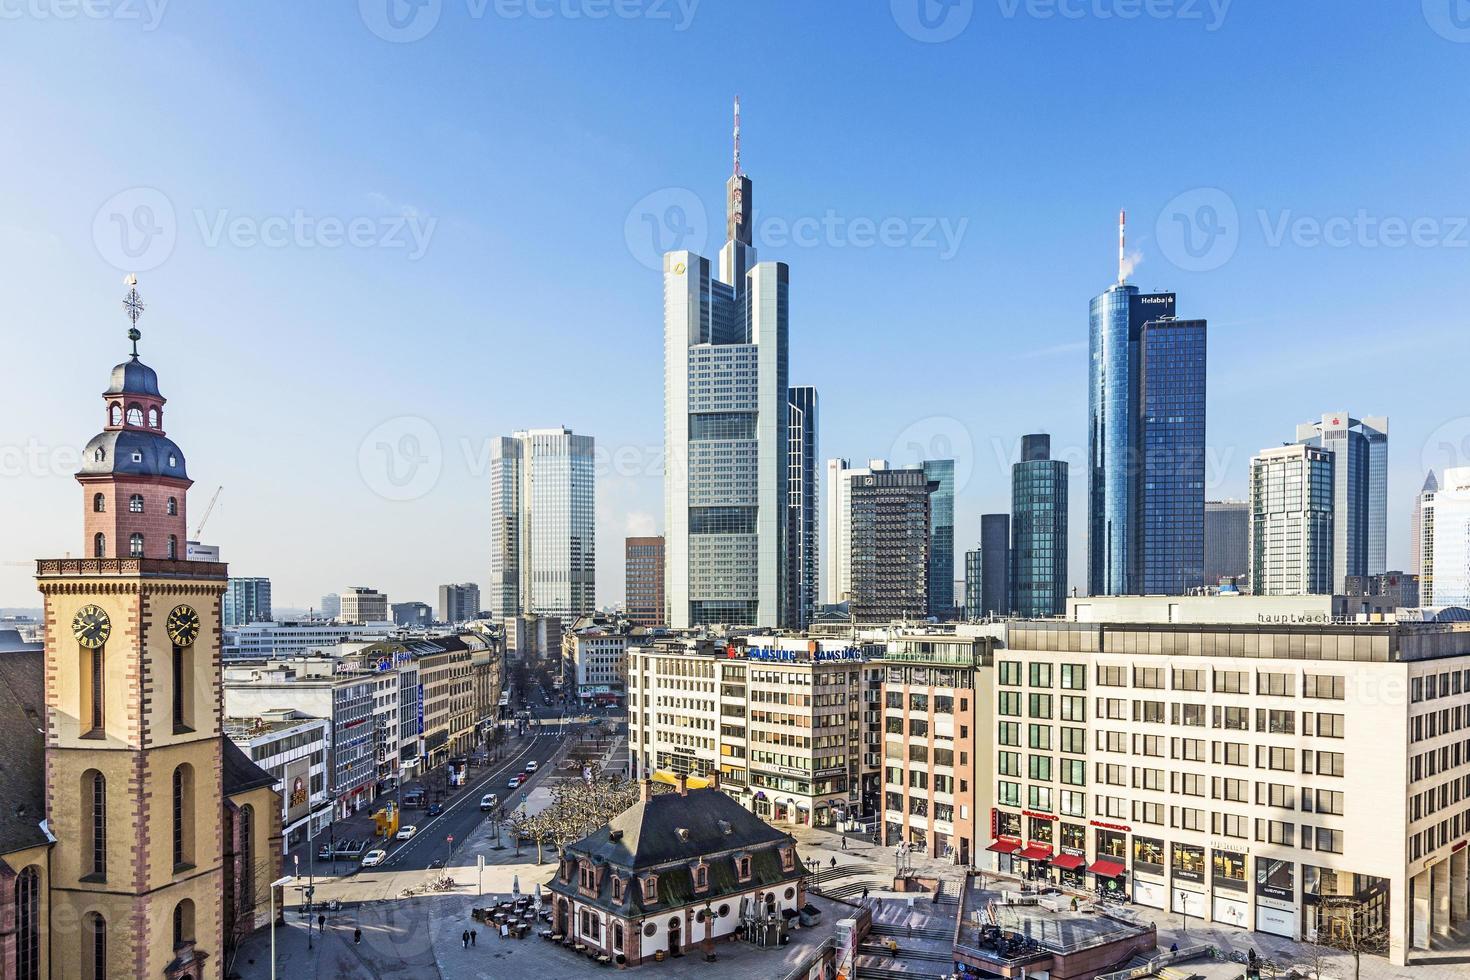 hauptwache plaza omgeven door de skyline van frankfurt in duitsland foto